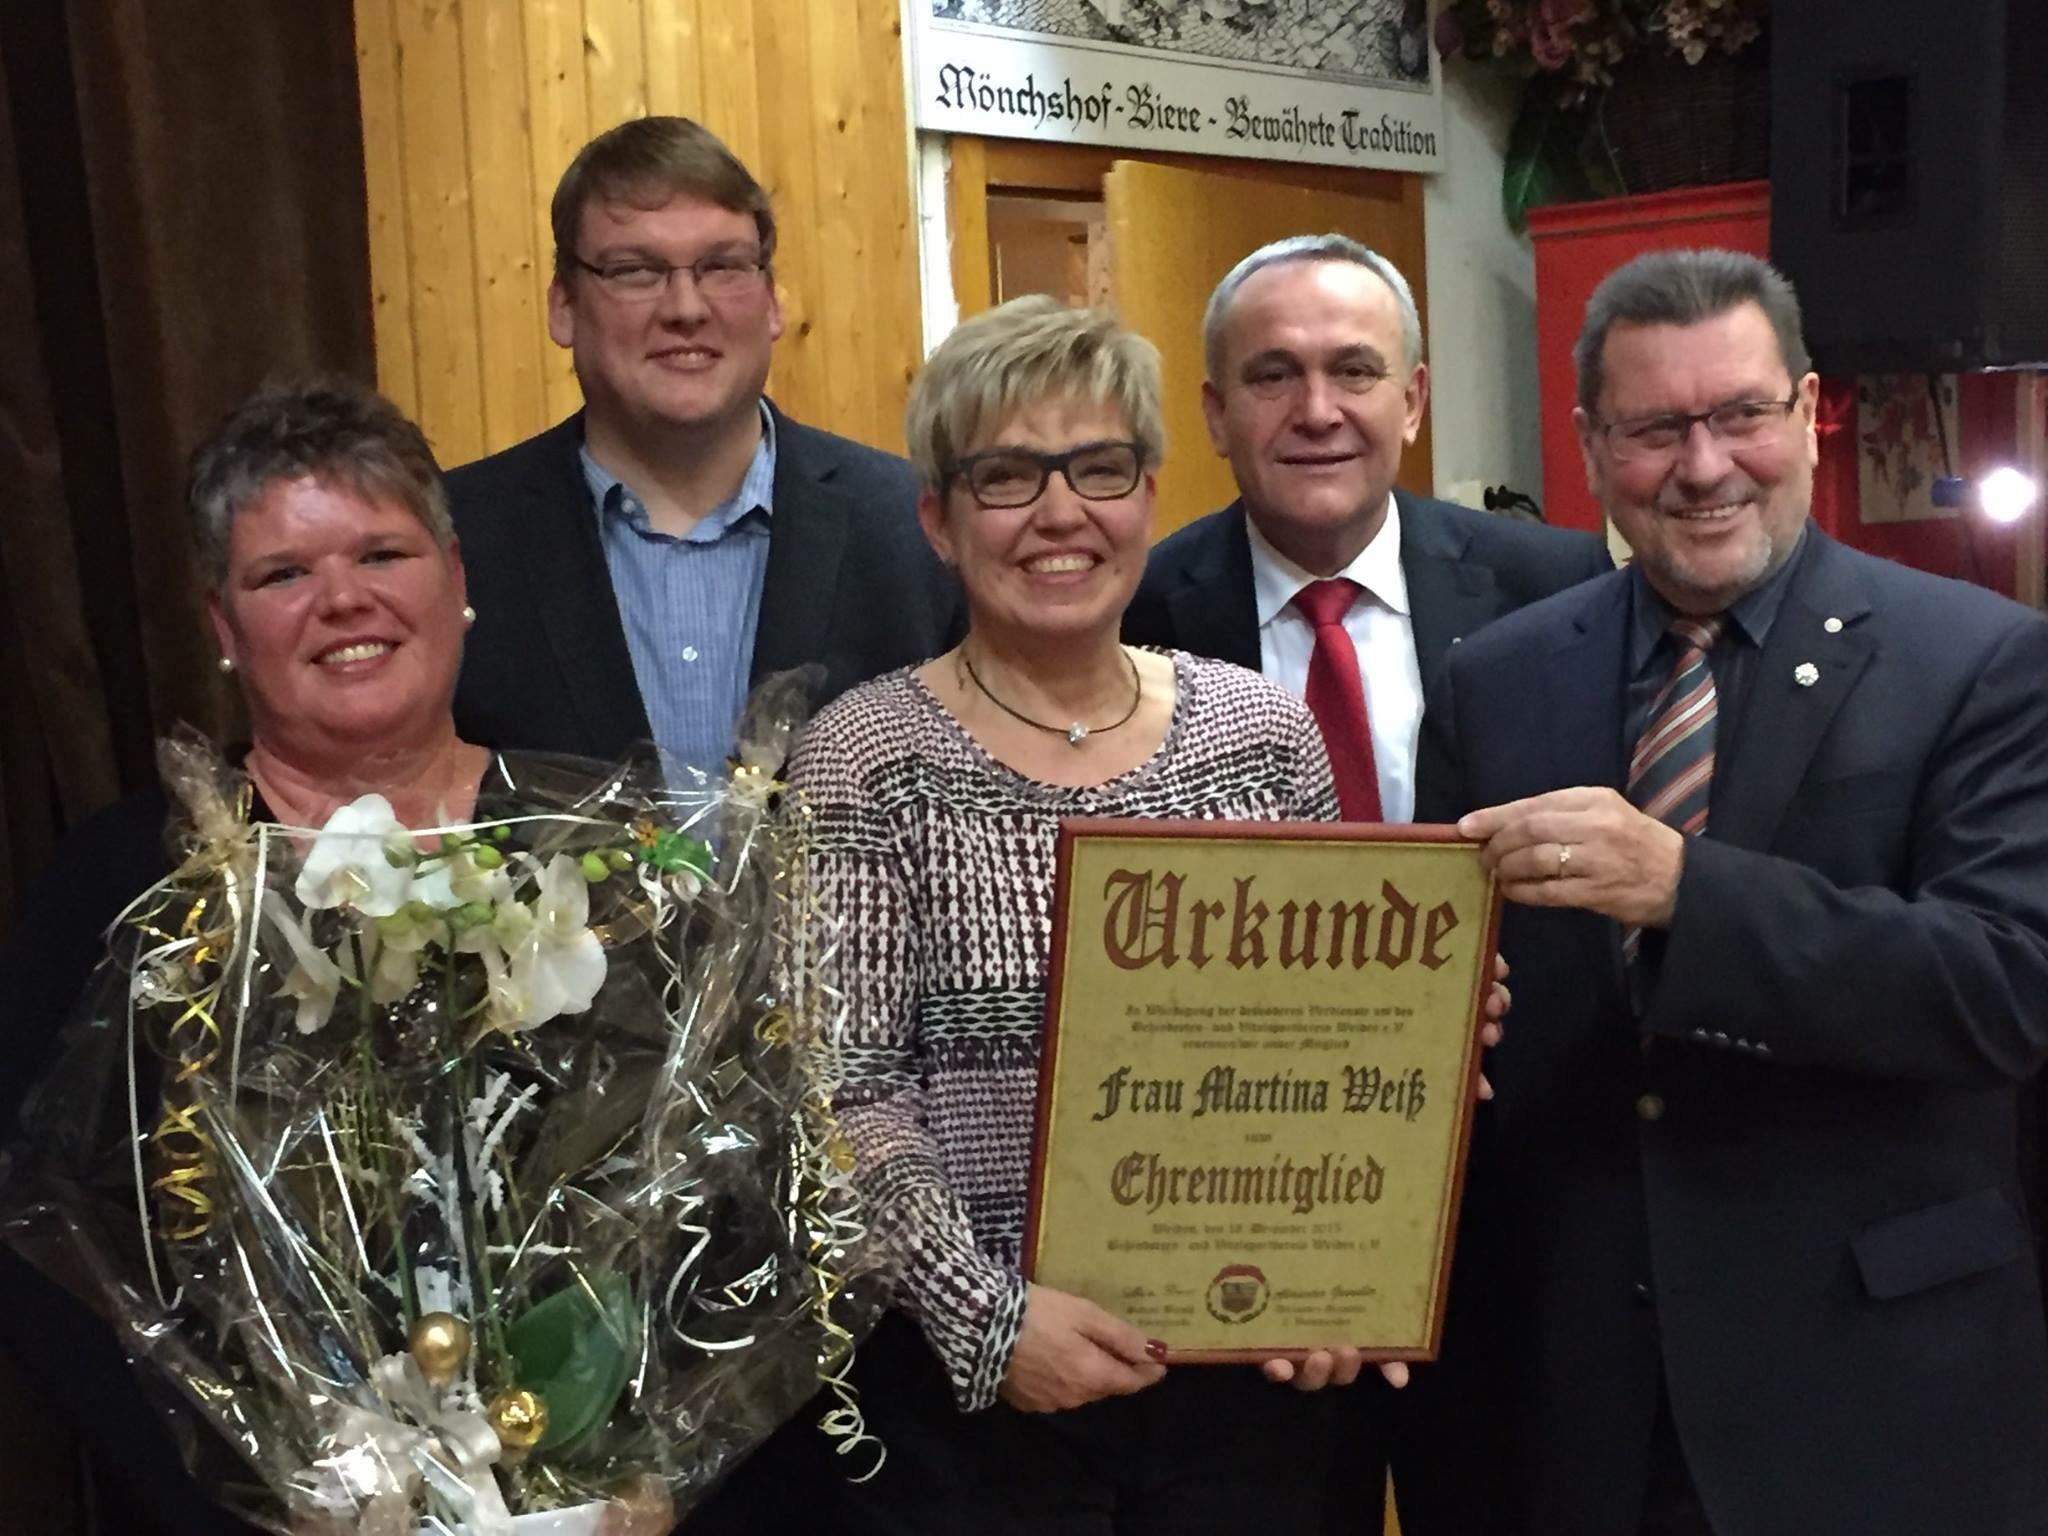 Martina Weiß wird Ehrenmitglied